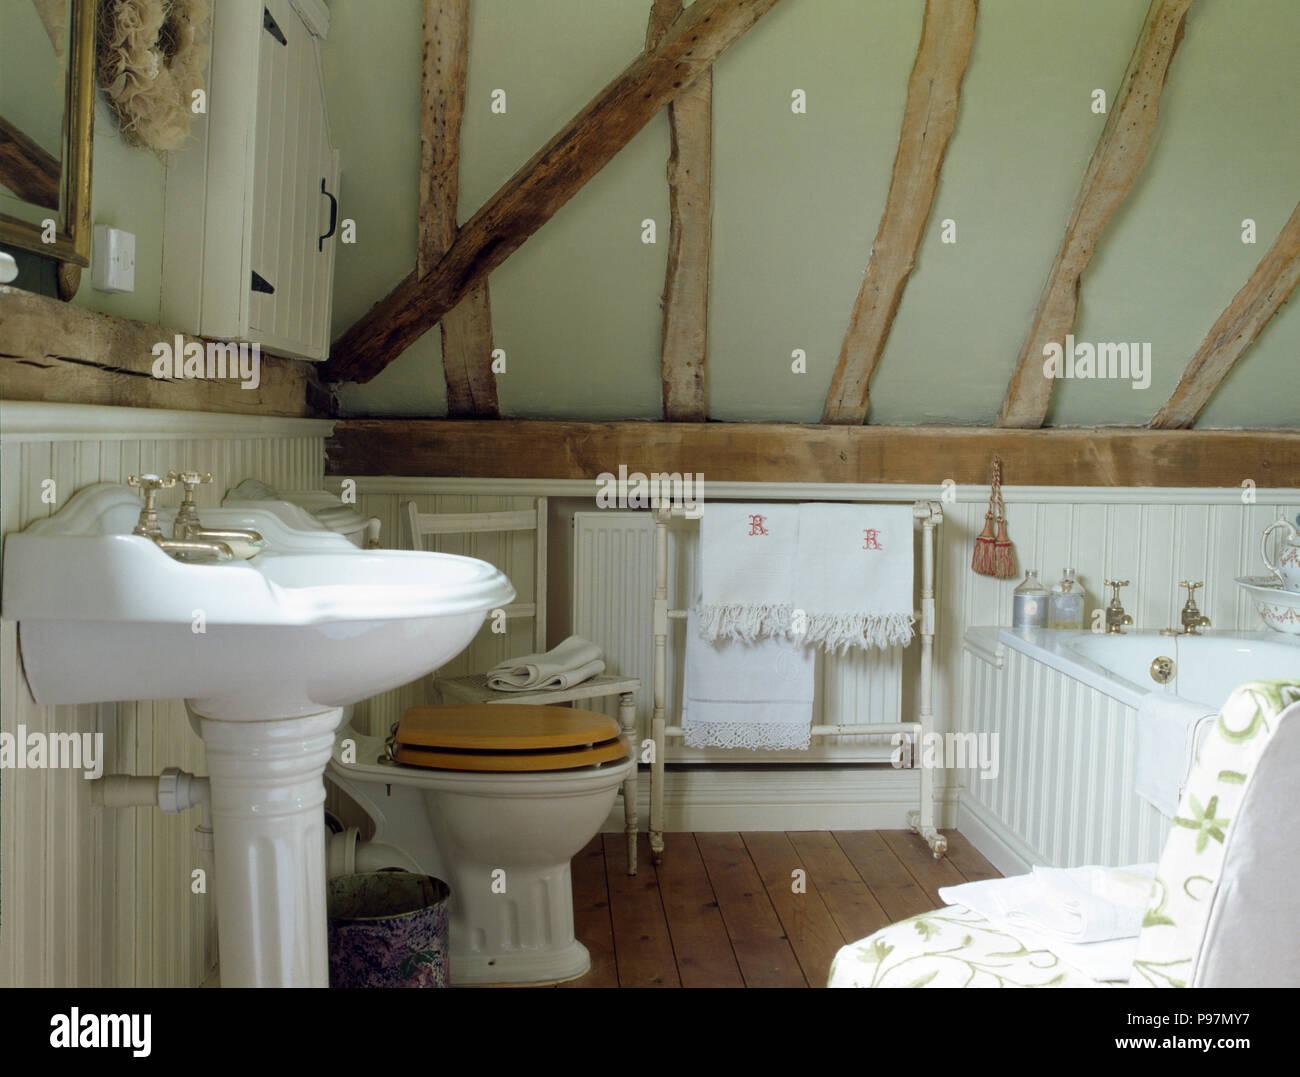 Blanc Lavabo Et Toilettes Avec Une Assise En Bois Dans Une Salle De